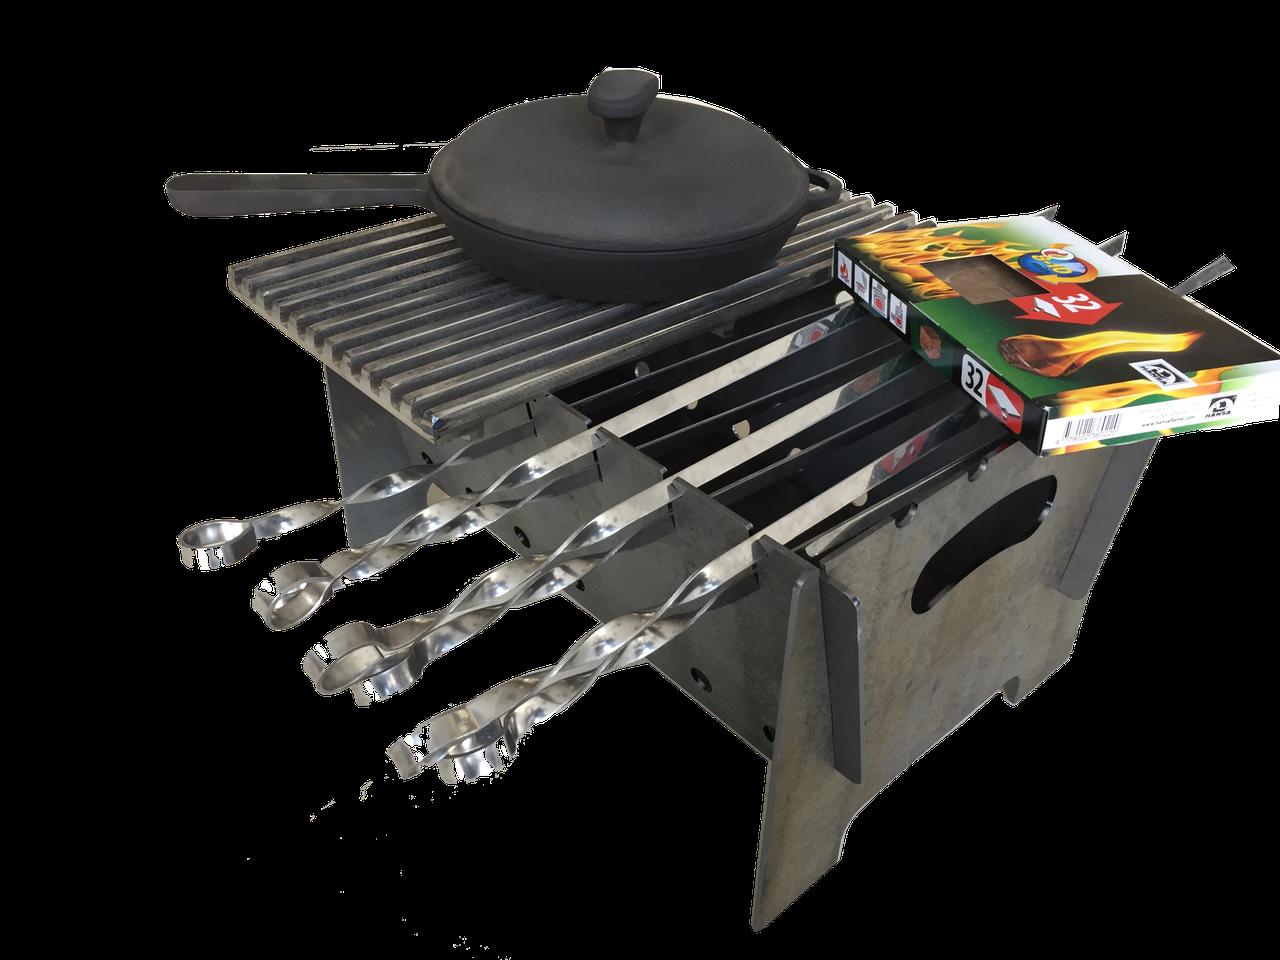 """Автомобильный мангал в комплекте с чугунной решеткой и сковородой """"Счастье есть"""" 400х300мм"""